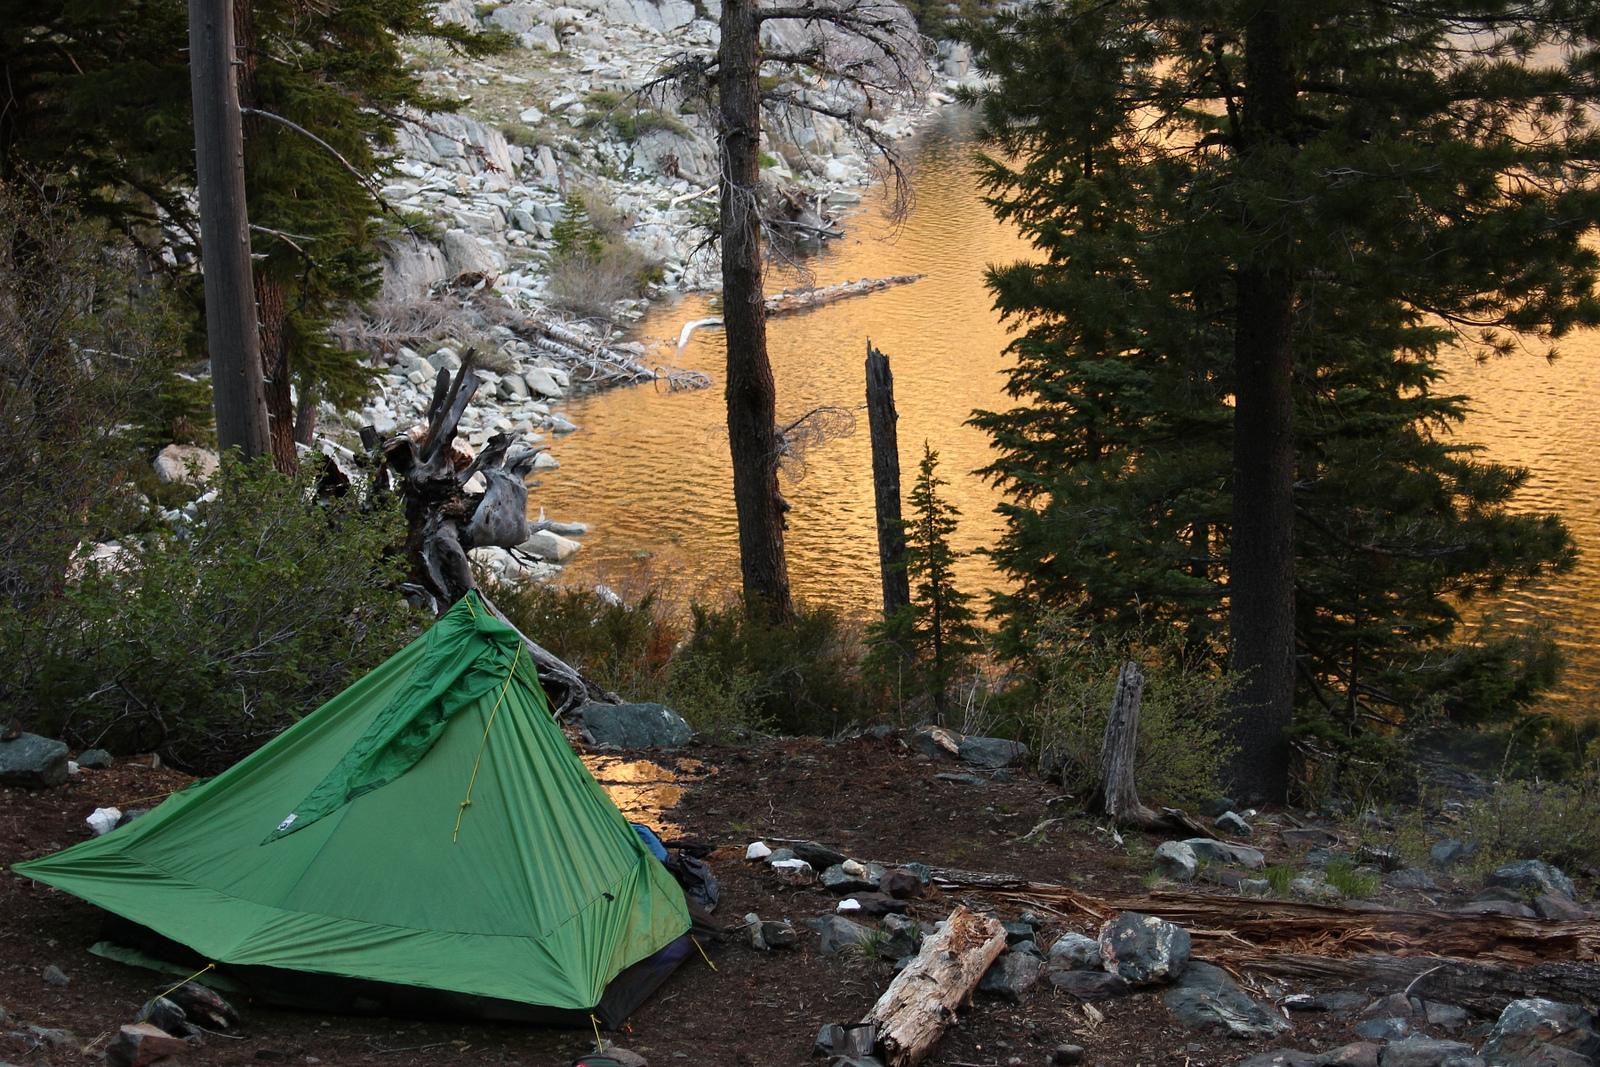 Порно видео в палатке летом на озере отдых с друзьями